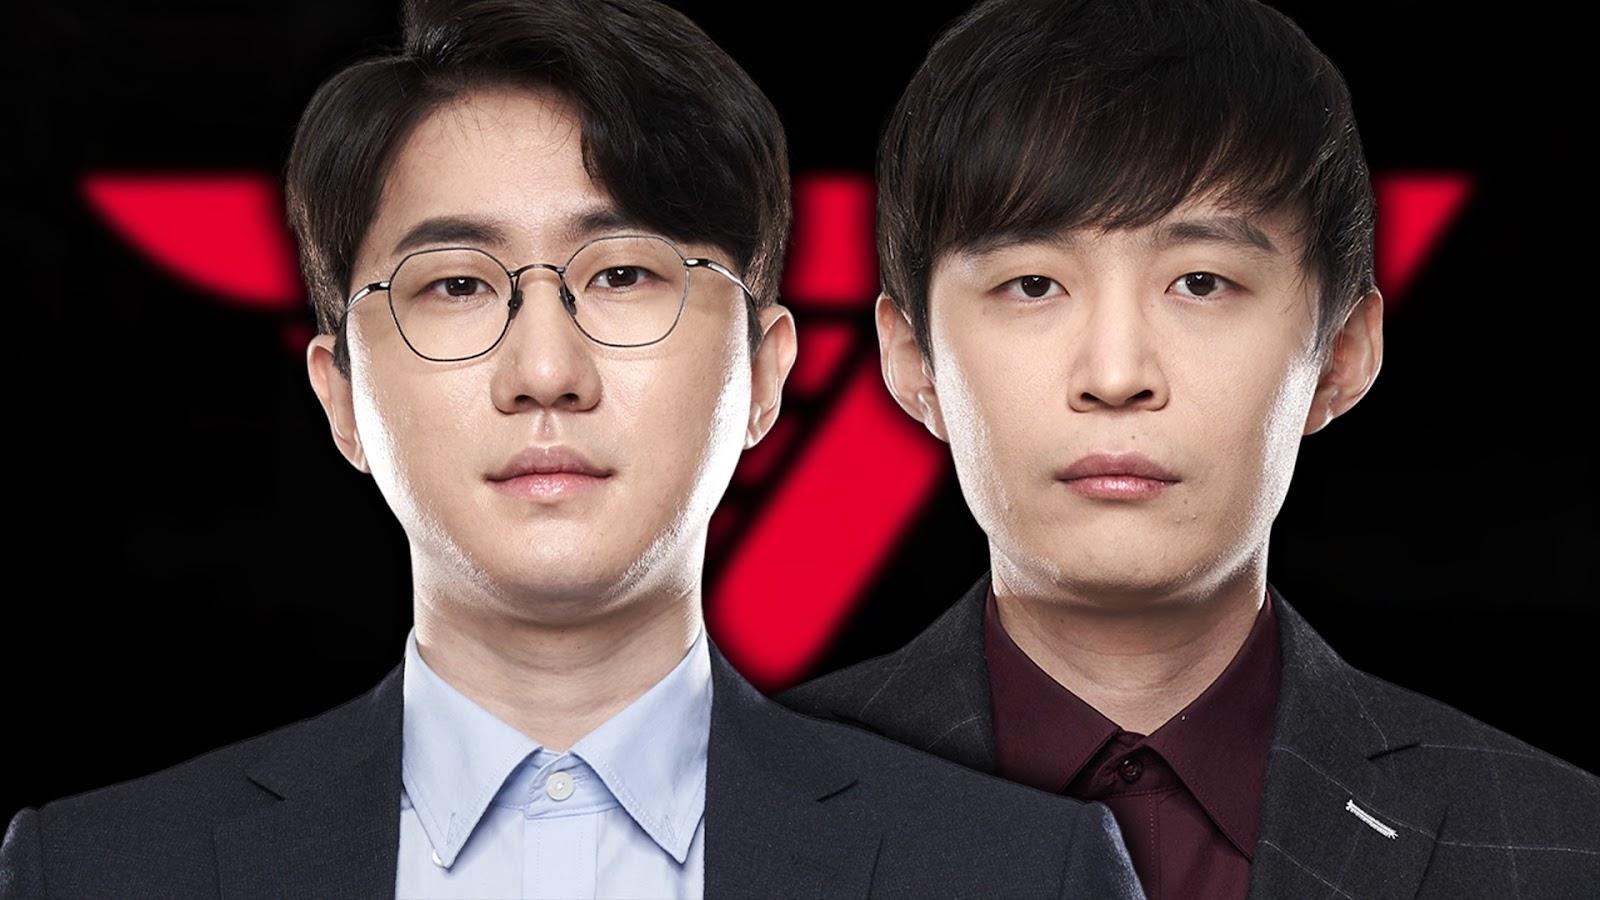 EG.Jiizuke cho rằng các HLV người Hàn luôn ép tuyển thủ phải theo ý mình, cộng đồng liên tưởng ngay đến T1 - Daeny